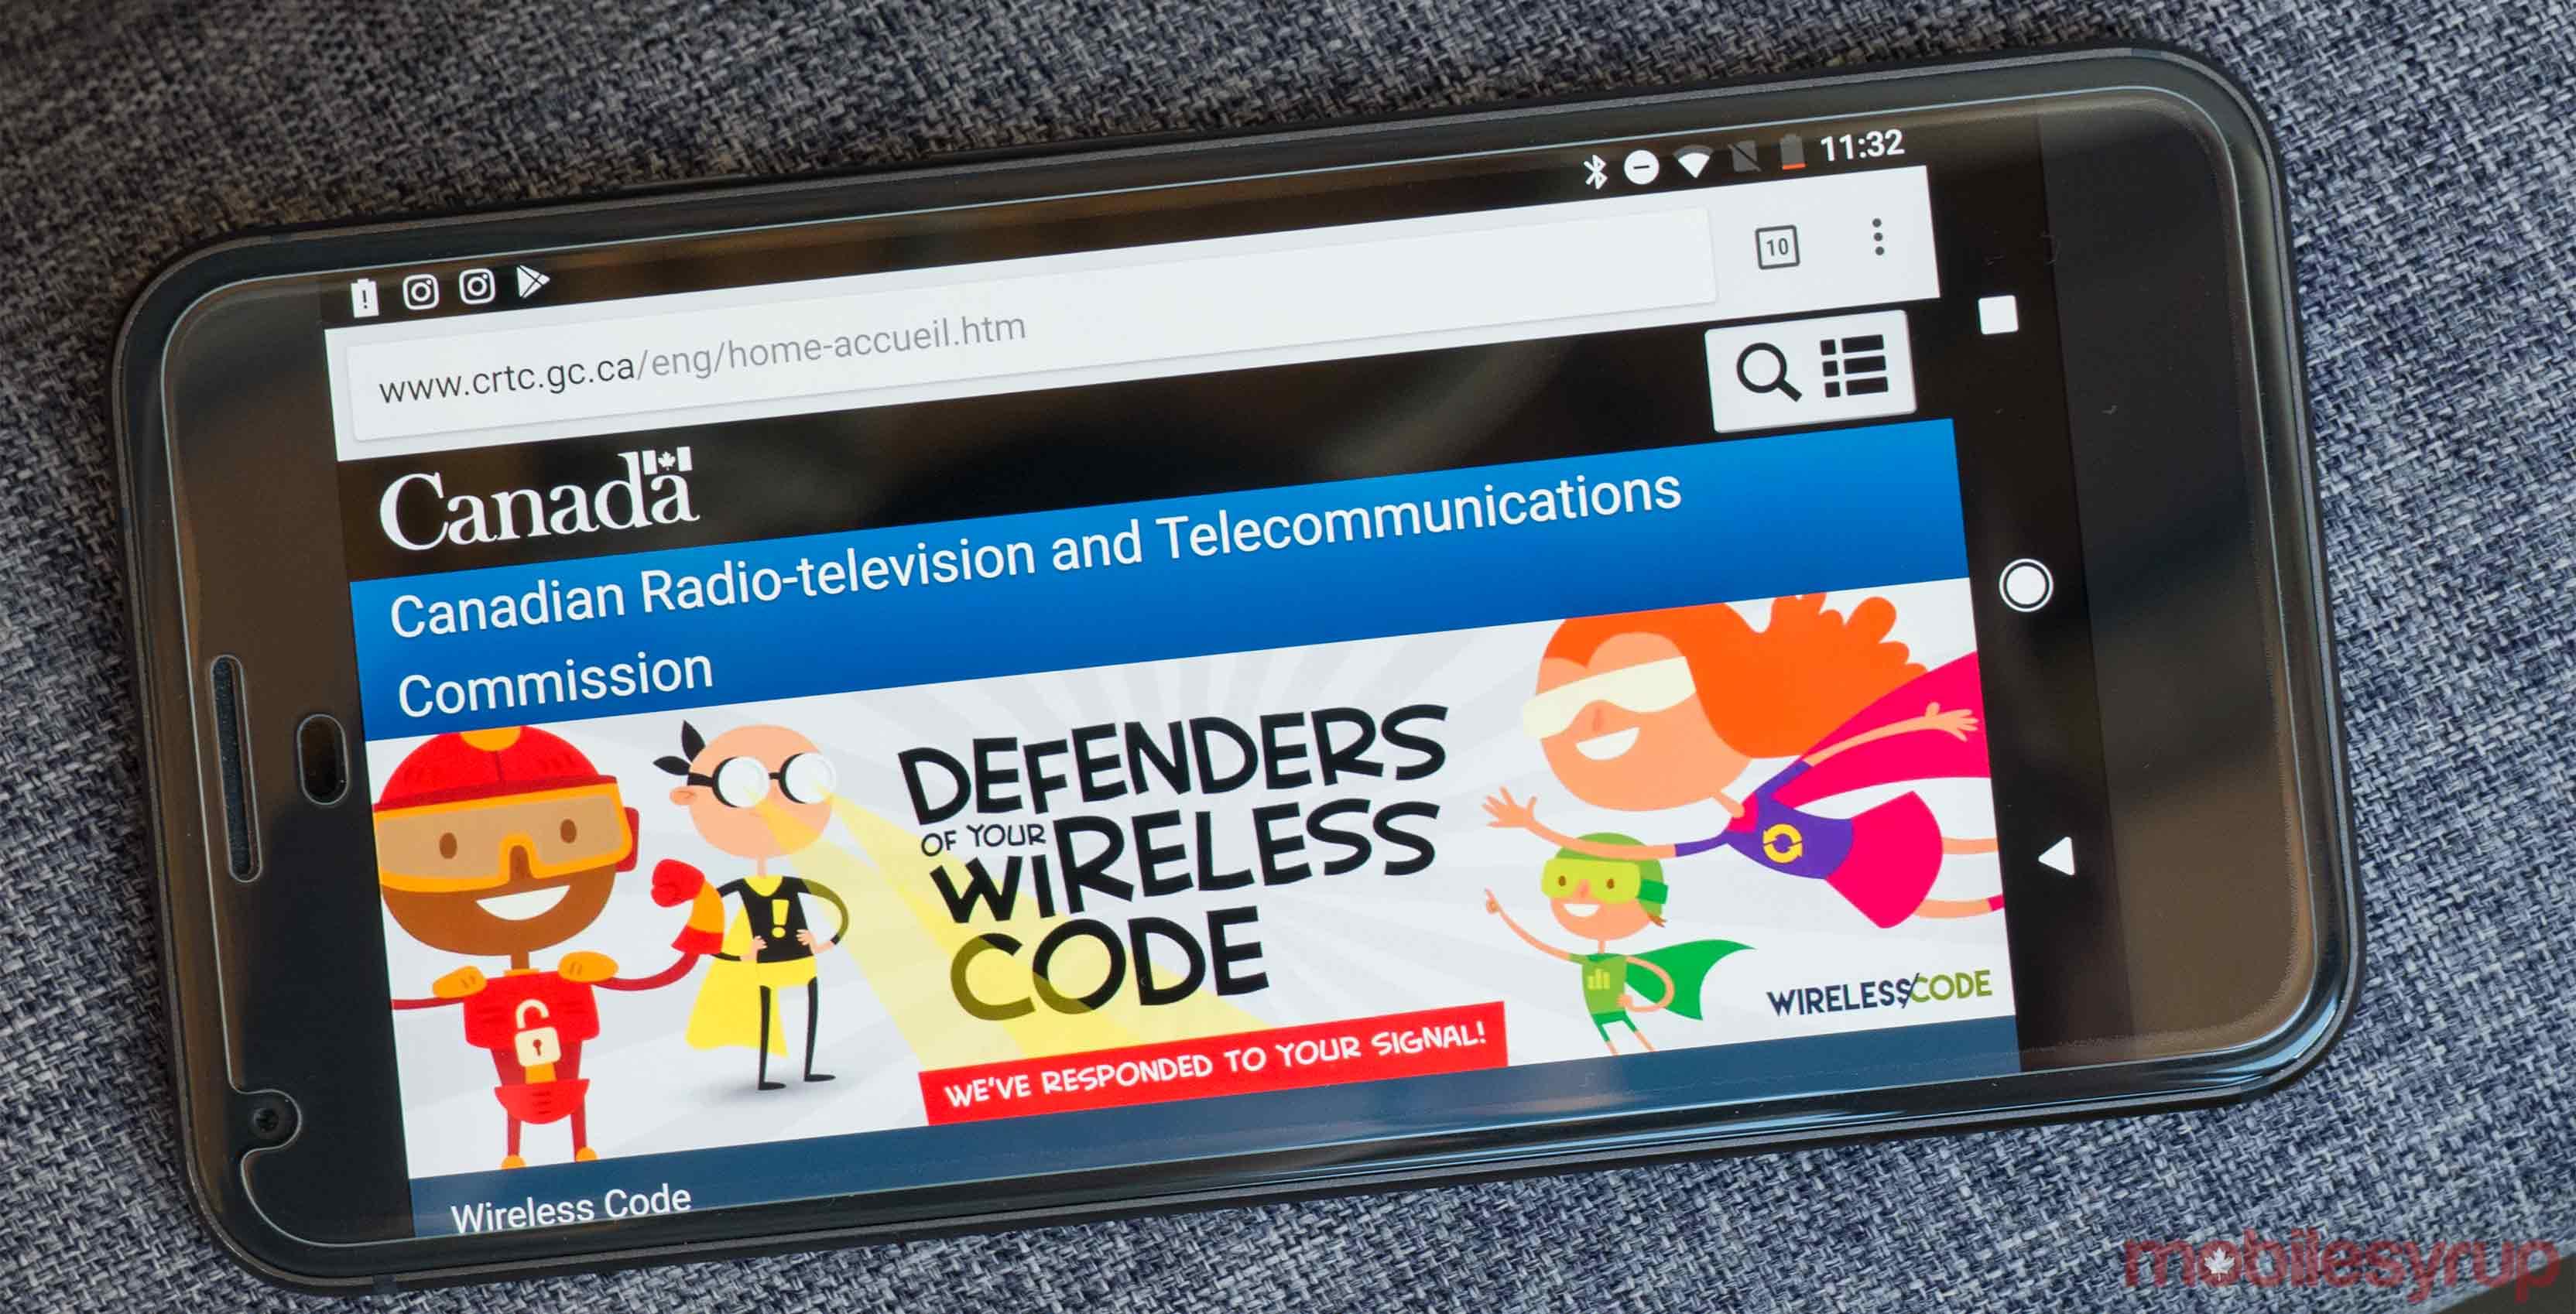 CRTC site on phone